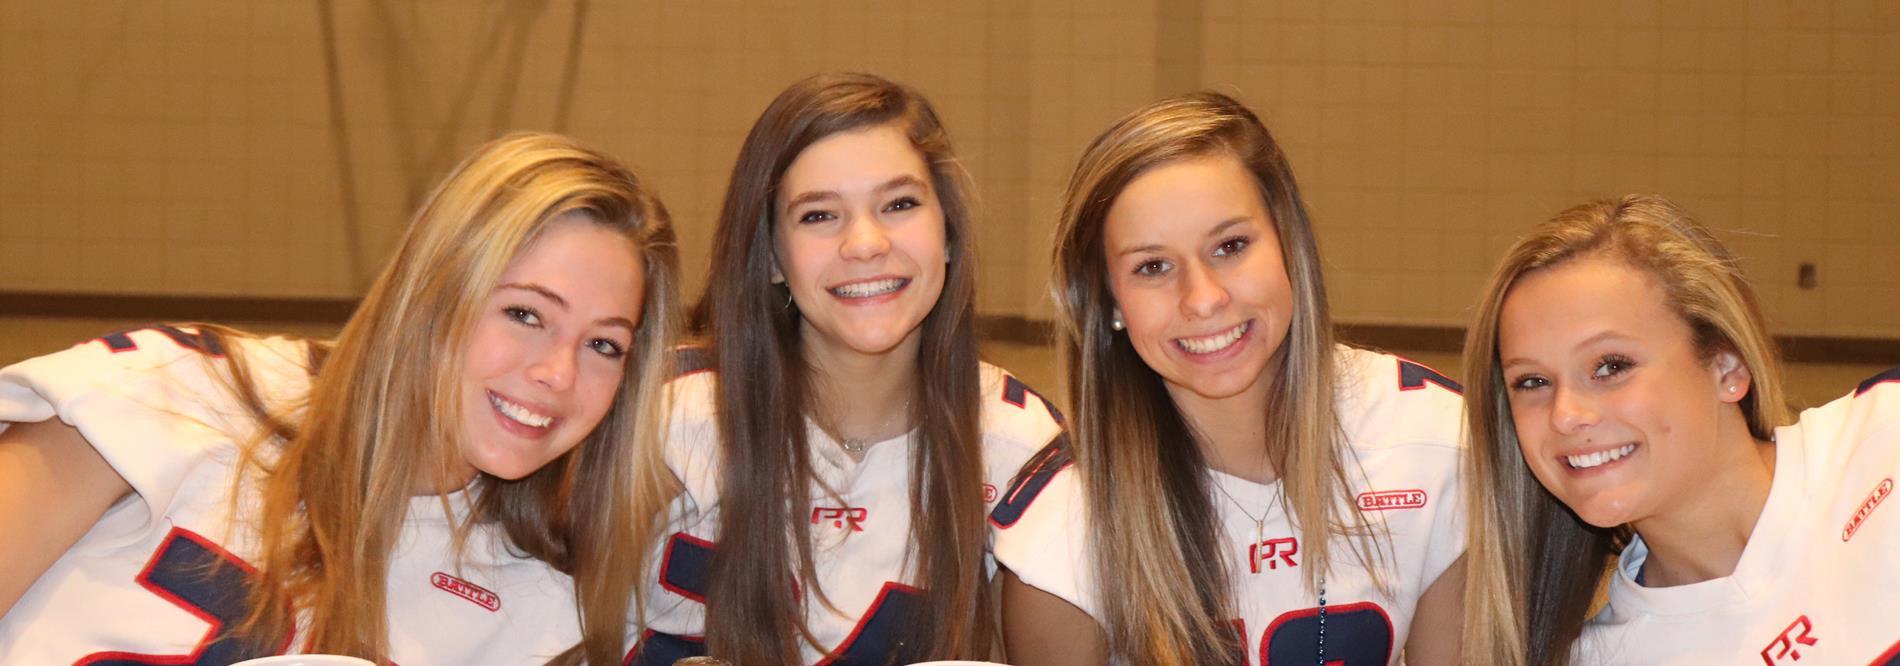 Image of Cheerleaders